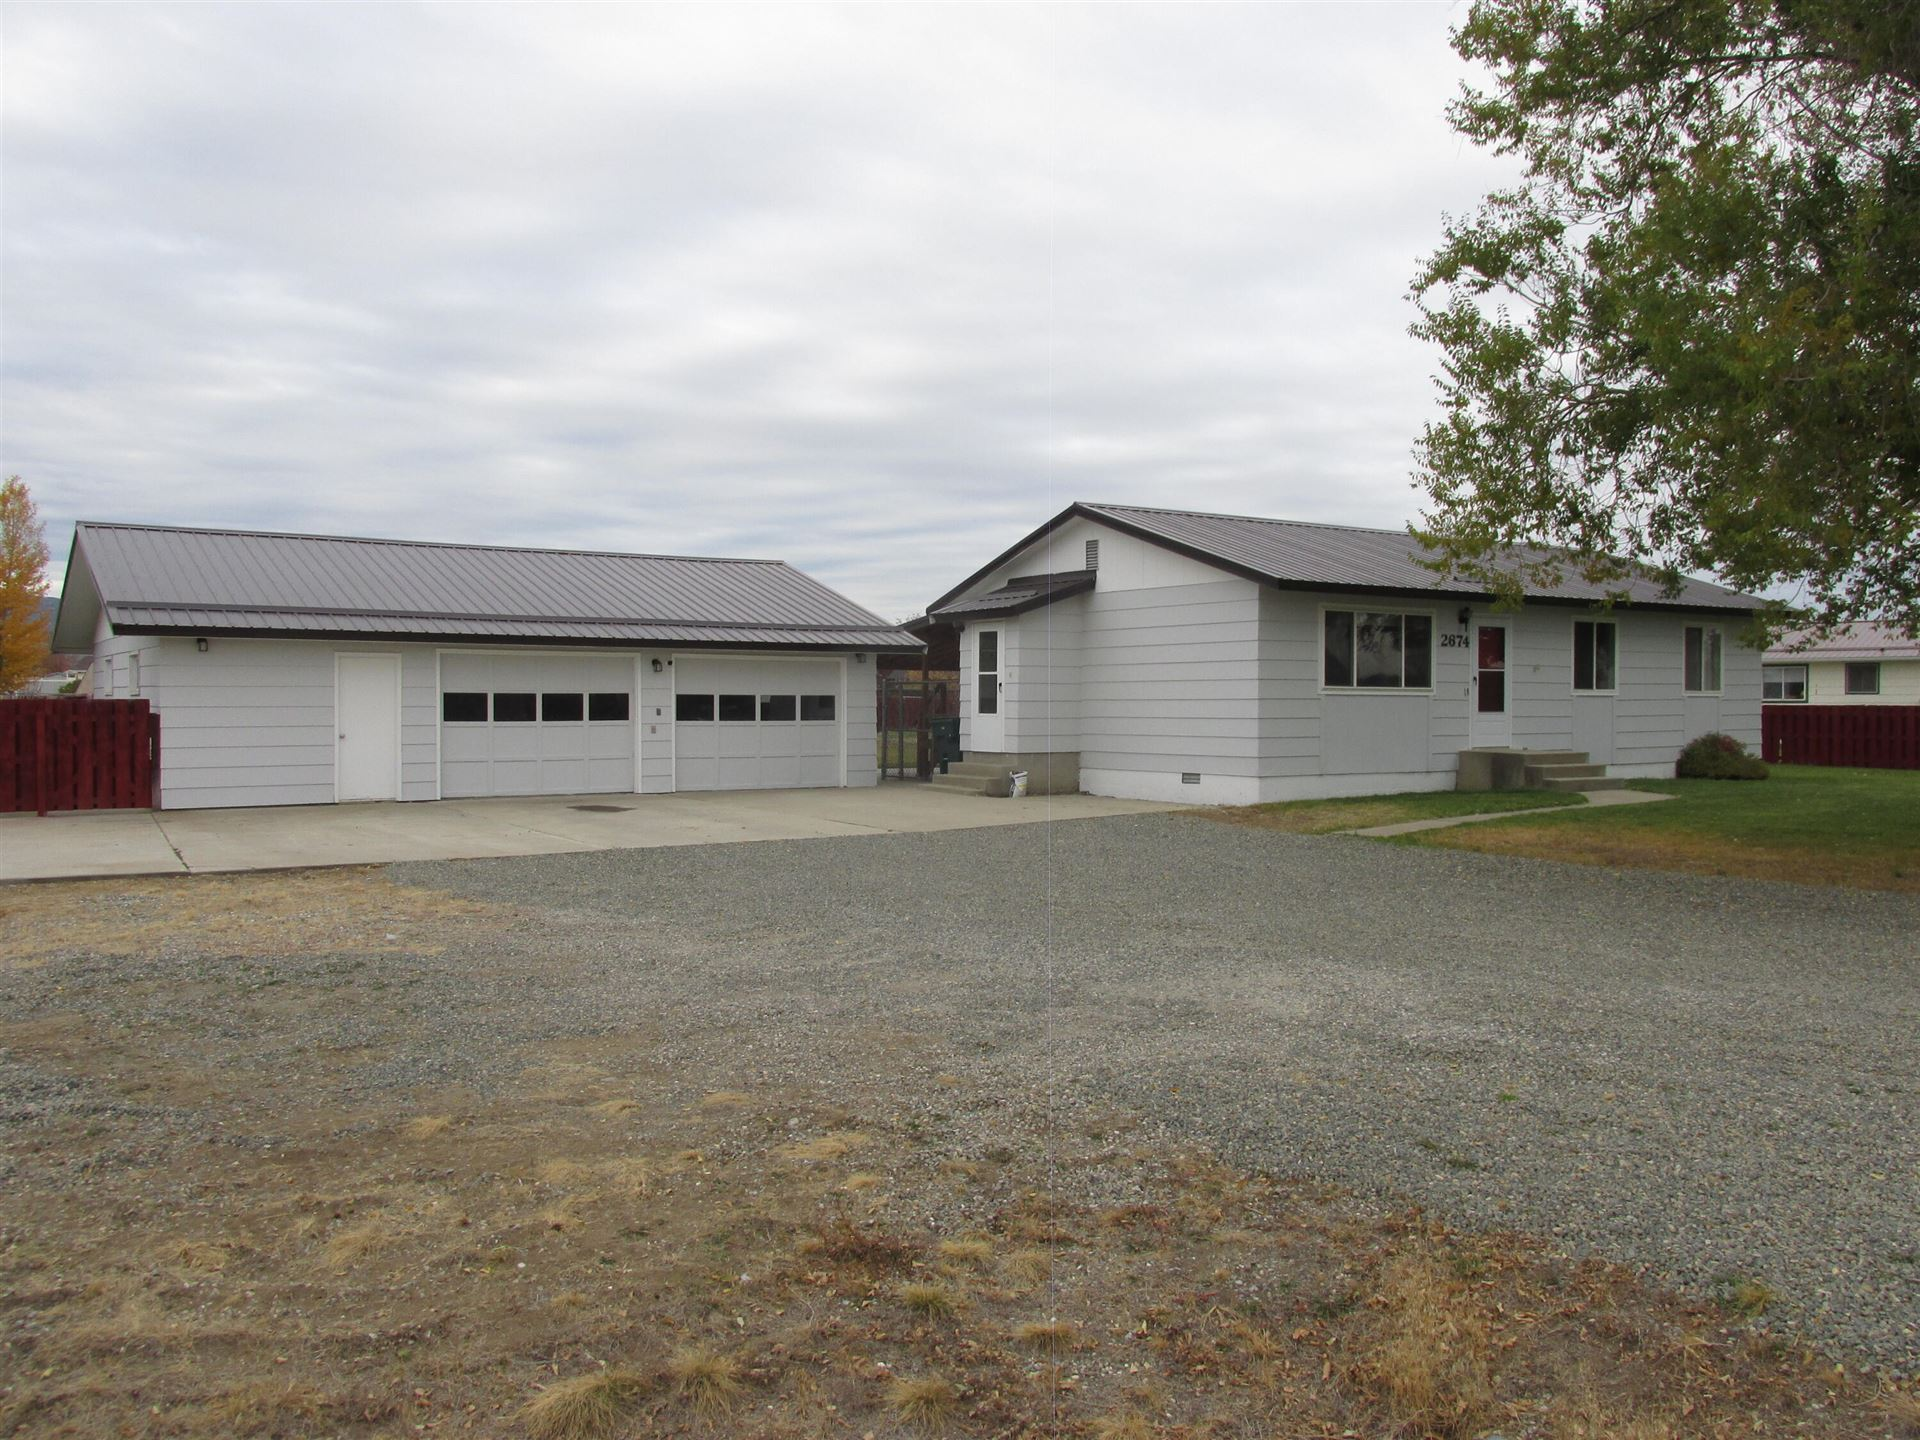 Photo of 2674 Cobre Drive, East Helena, MT 59635 (MLS # 22116455)